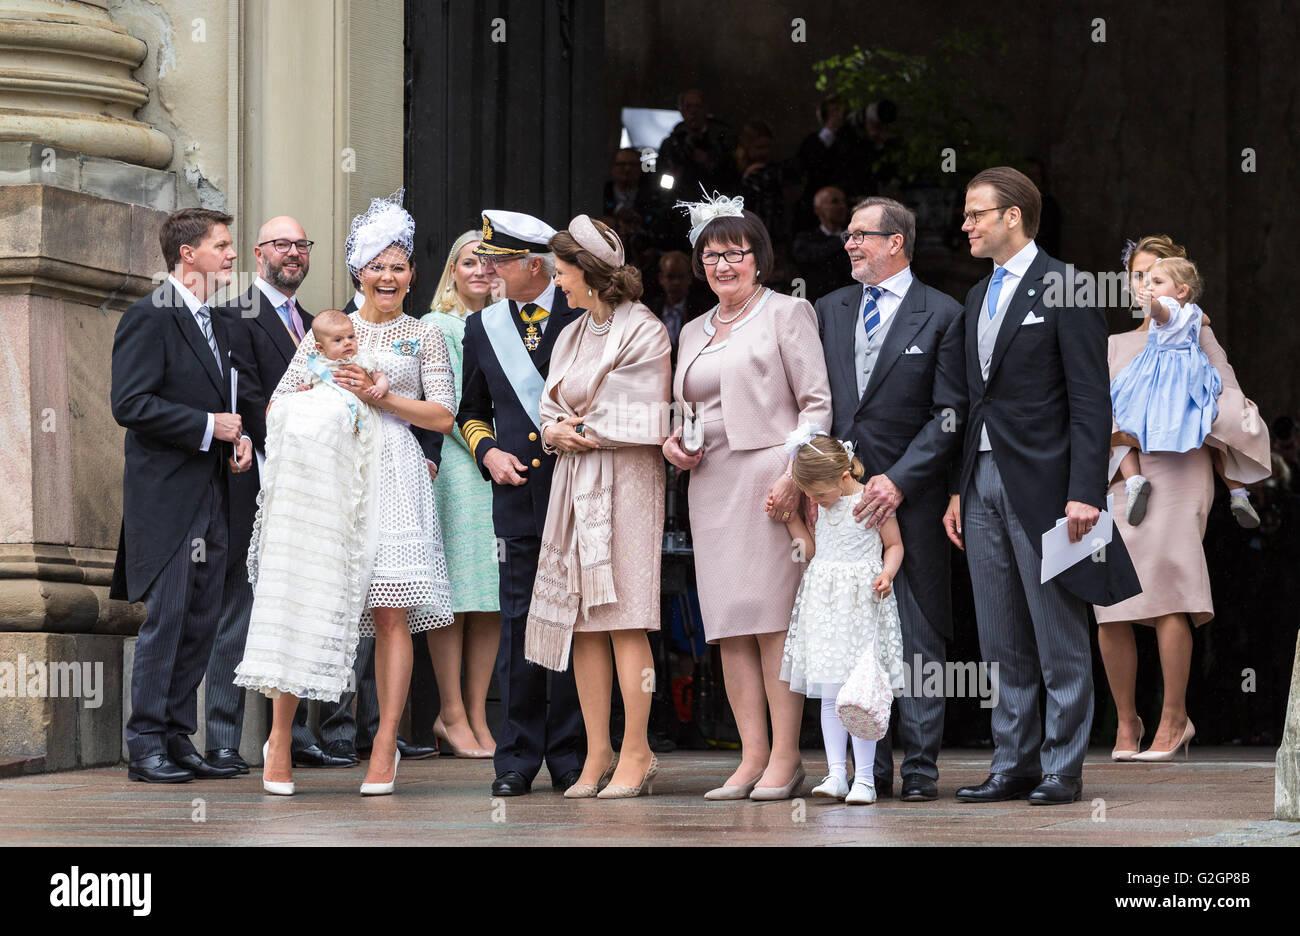 Bebé Prince Oscar de Suecia - bautizo con su familia después de la ceremonia Imagen De Stock